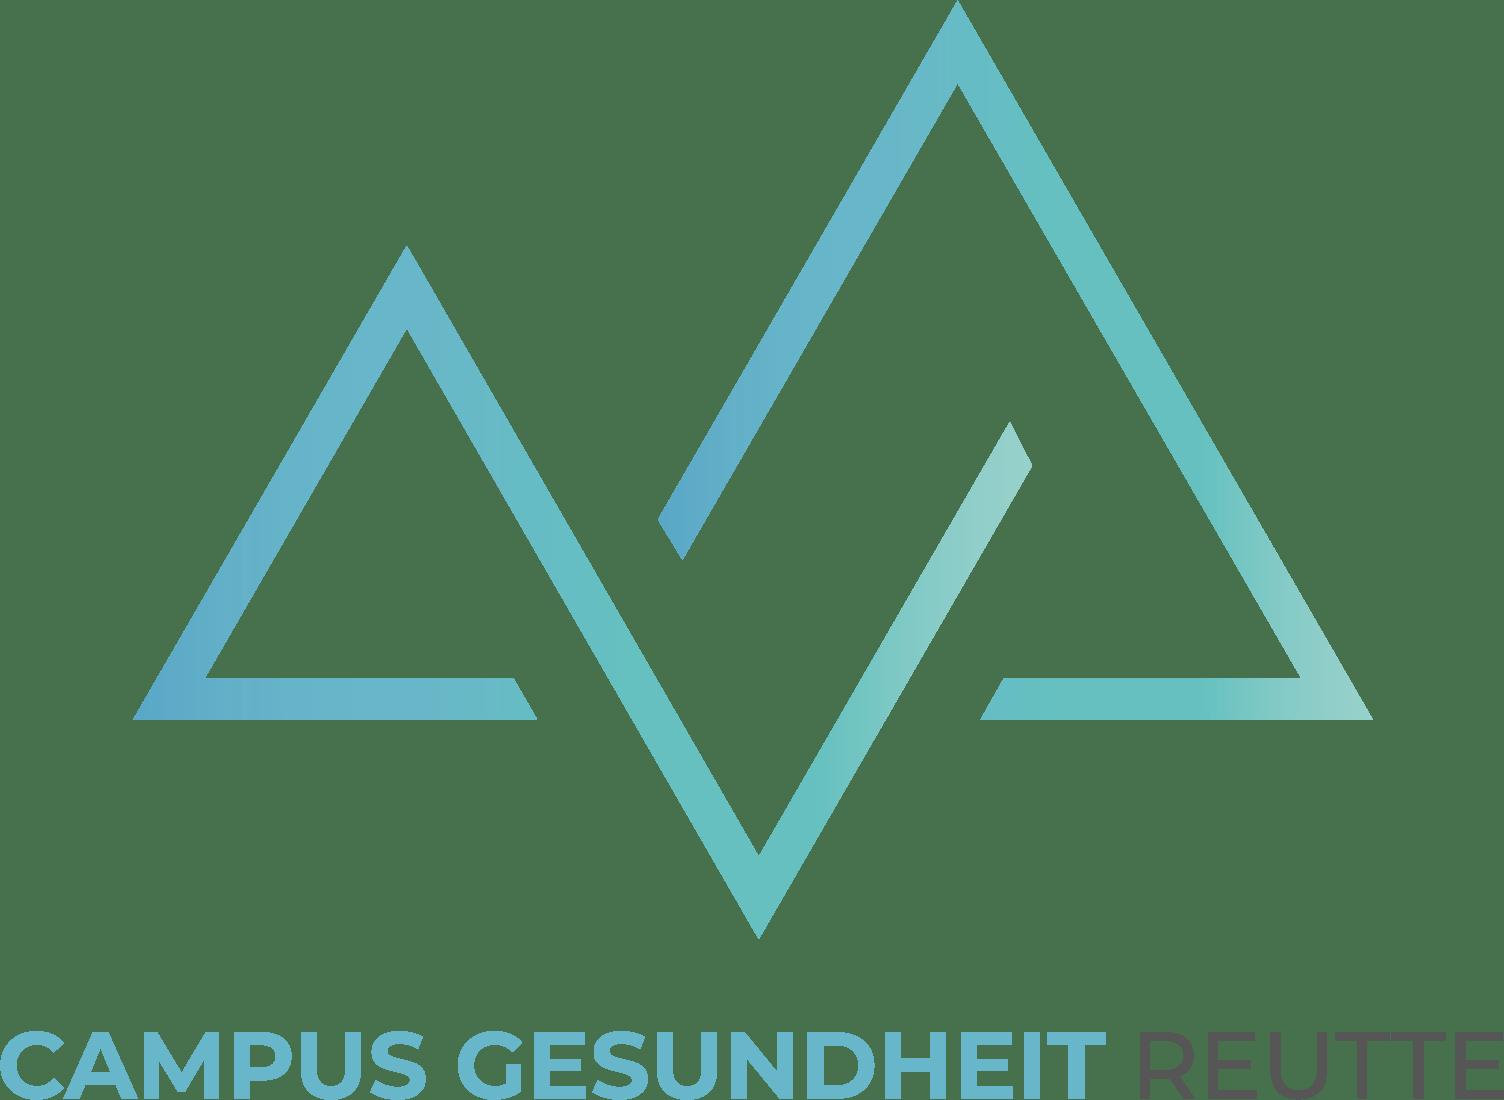 Logo des Campus Gesundheit Reutte - Fachzentrum für Pflege im Ausserfern